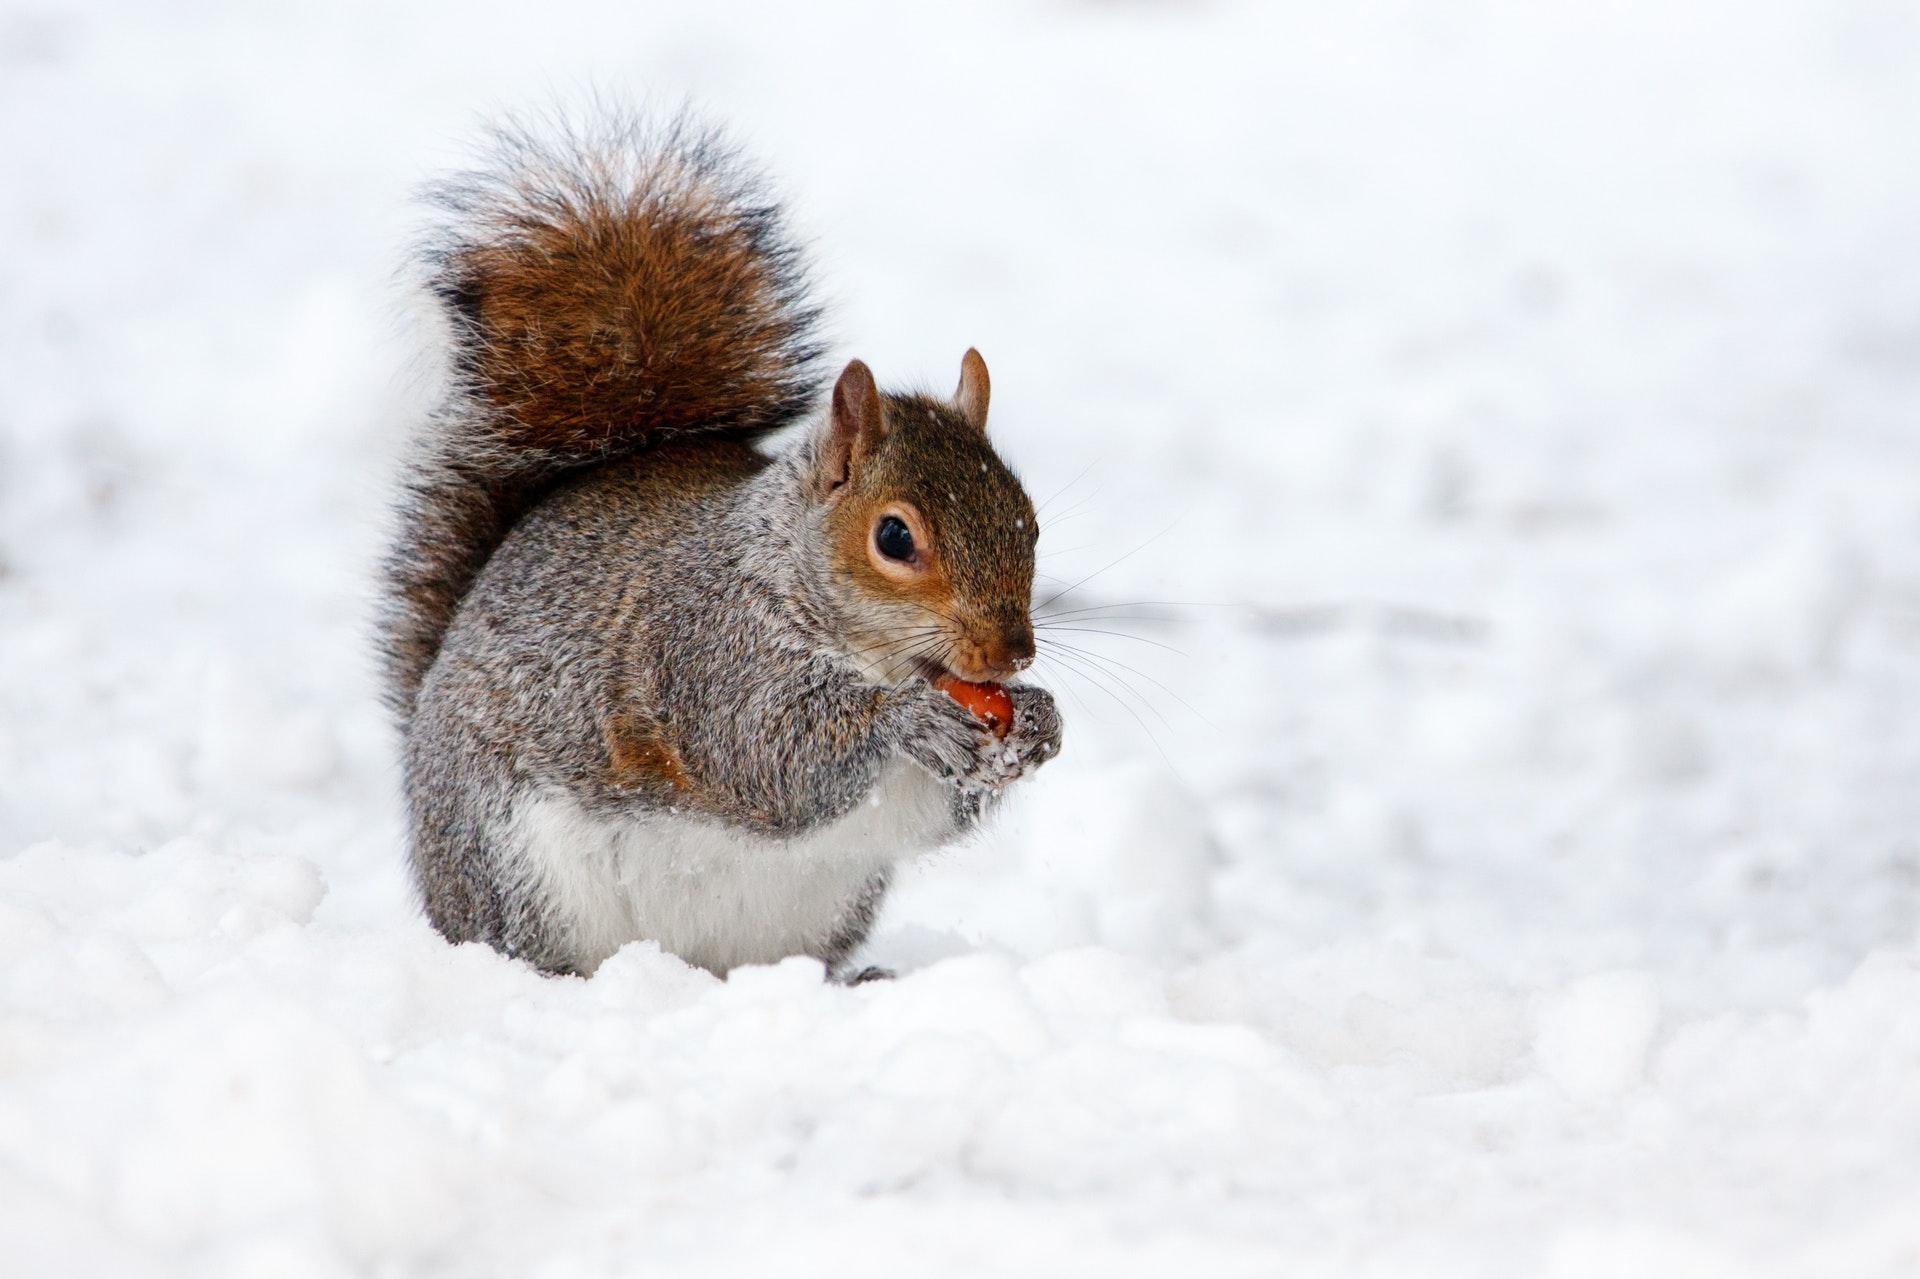 download wallpaper: eekhoorn in de sneeuw wallpaper